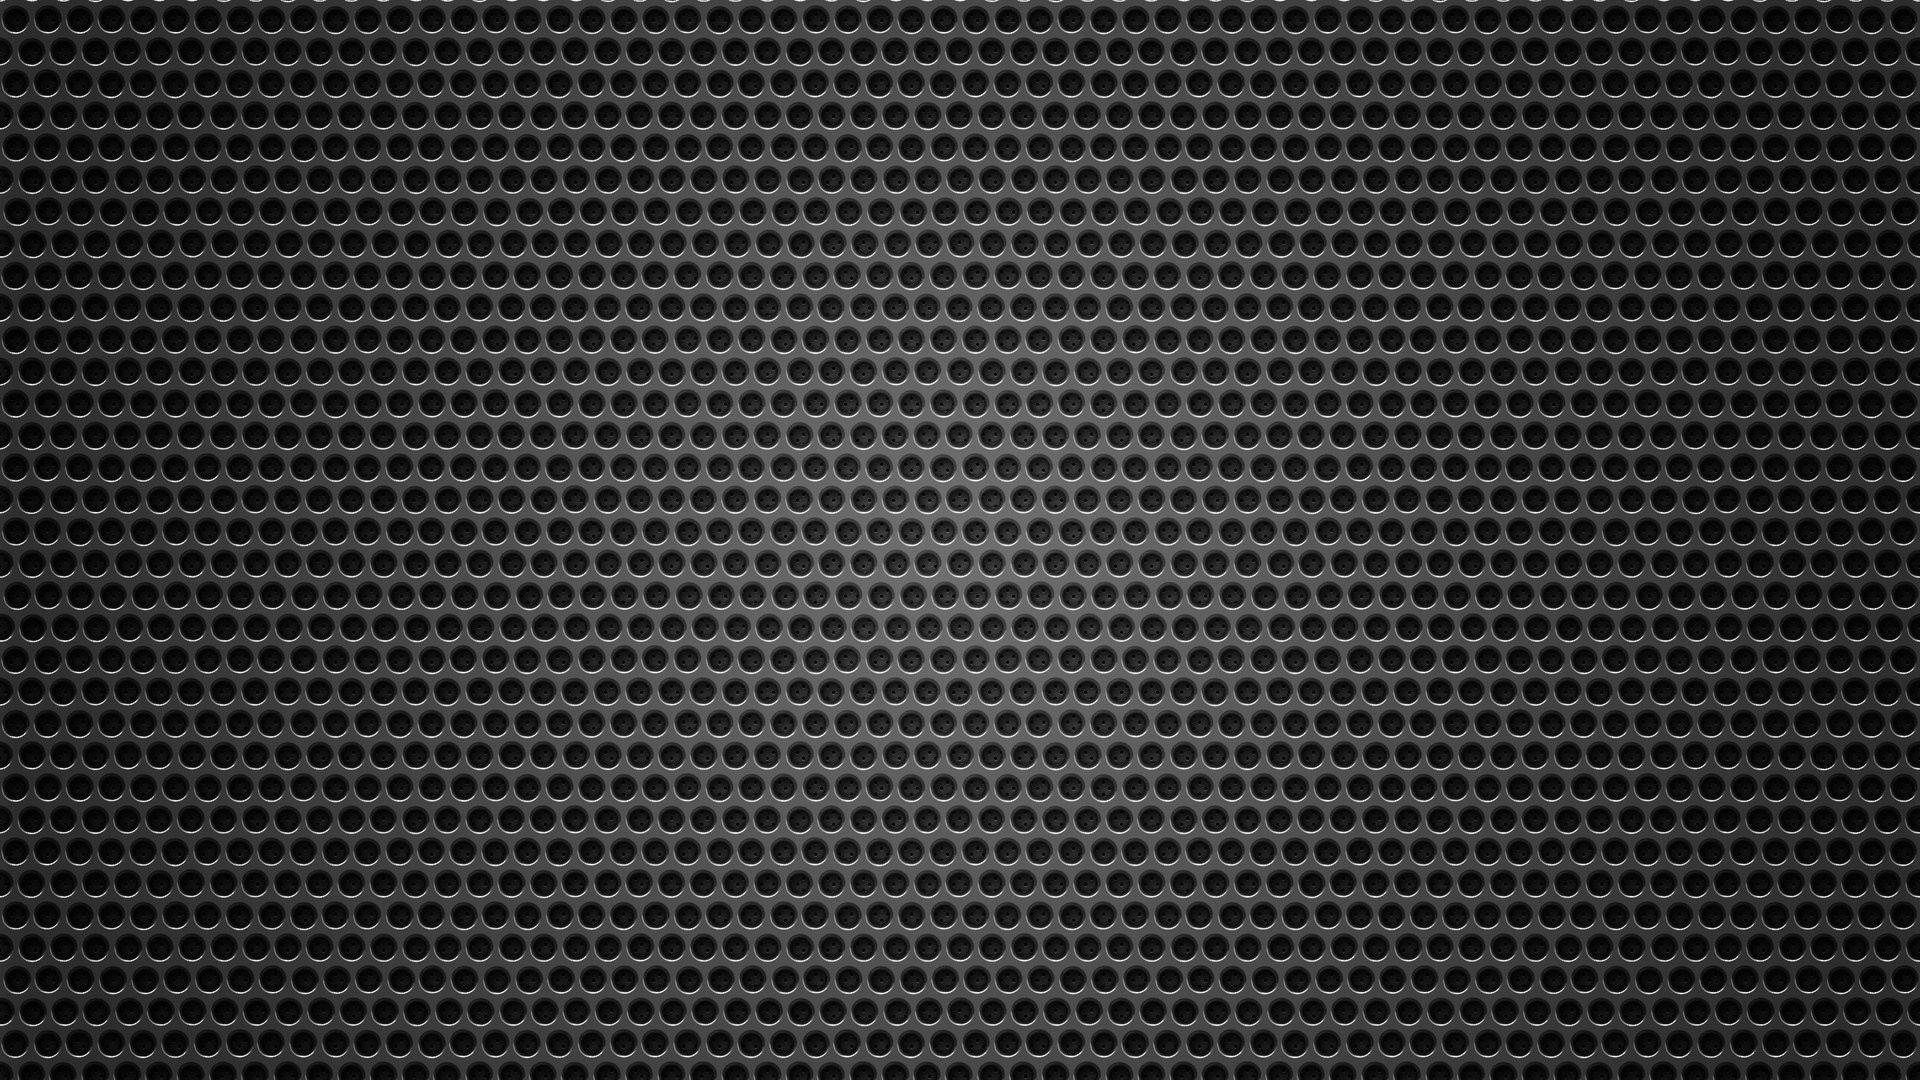 116013 обои 1080x2400 на телефон бесплатно, скачать картинки Фон, Текстуры, Круги, Темный, Сетка, Металл 1080x2400 на мобильный